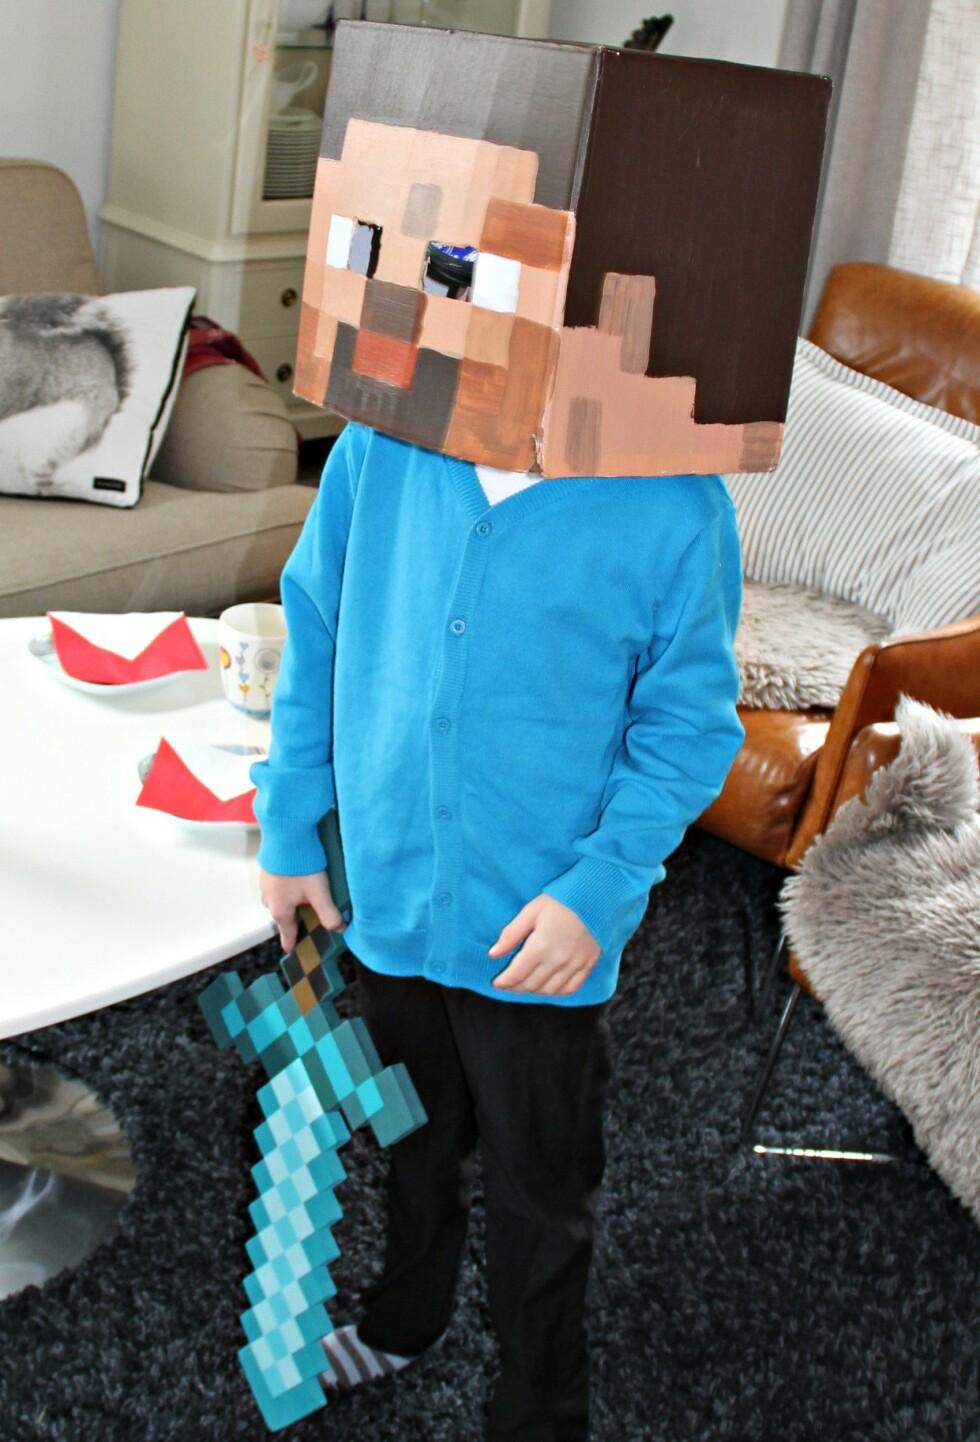 MINECRAFT: Alle som er hektet på dette dataspillet vil digge å kle seg ut som karakteren Steve. Foto: Anette Snarby